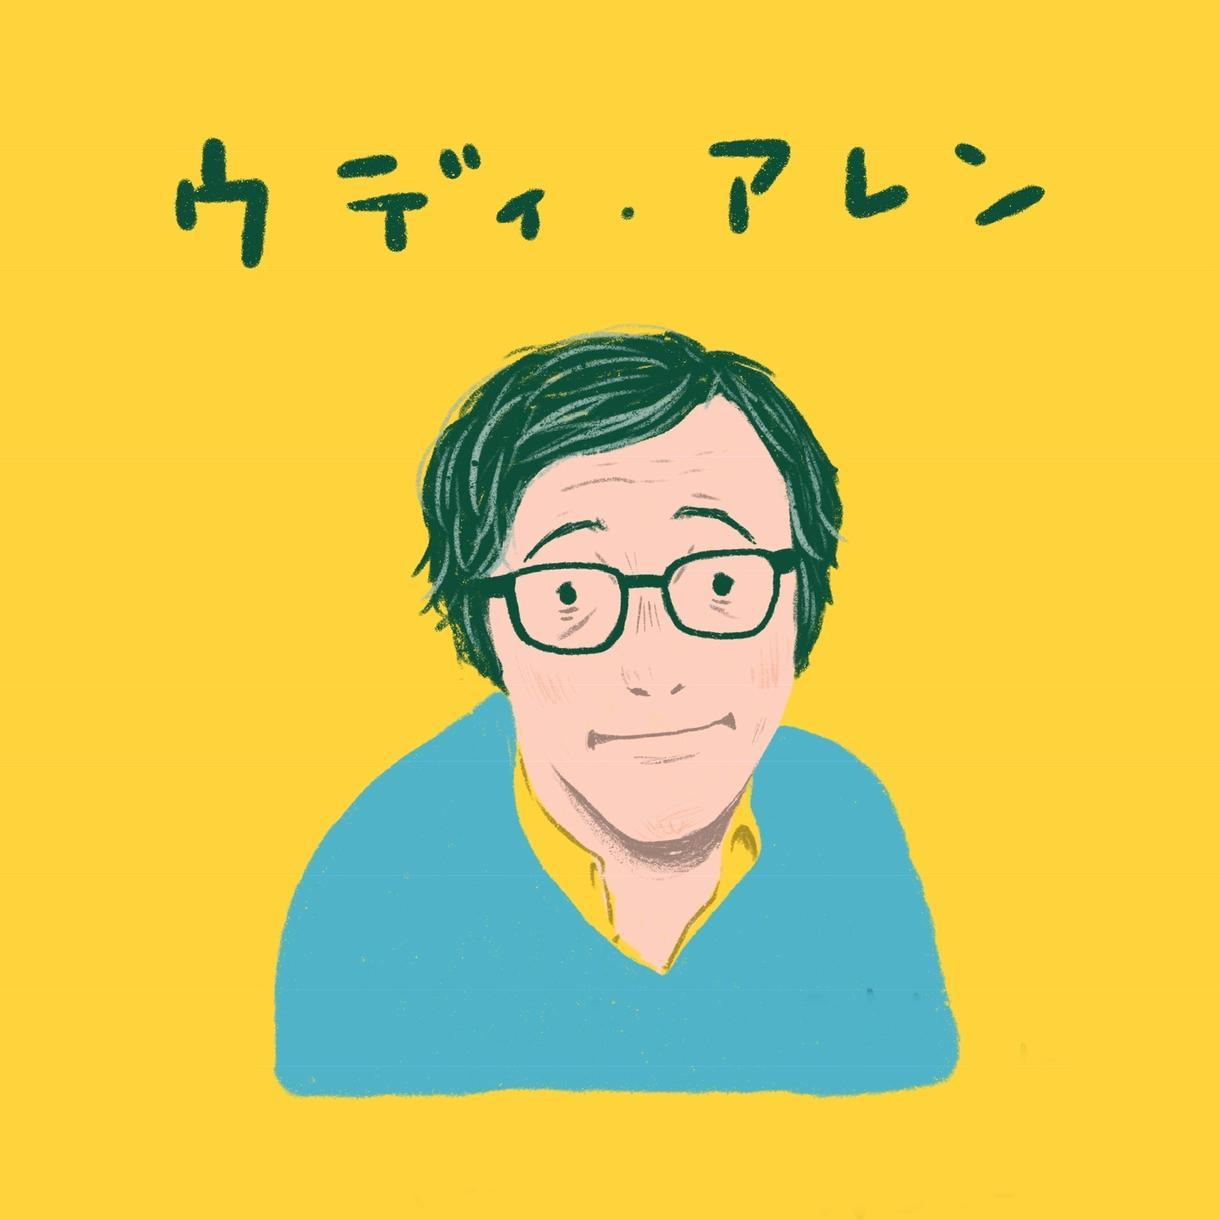 シュールでシンプルな似顔絵描きます アイコンや名刺用に、似顔絵を作りませんか?